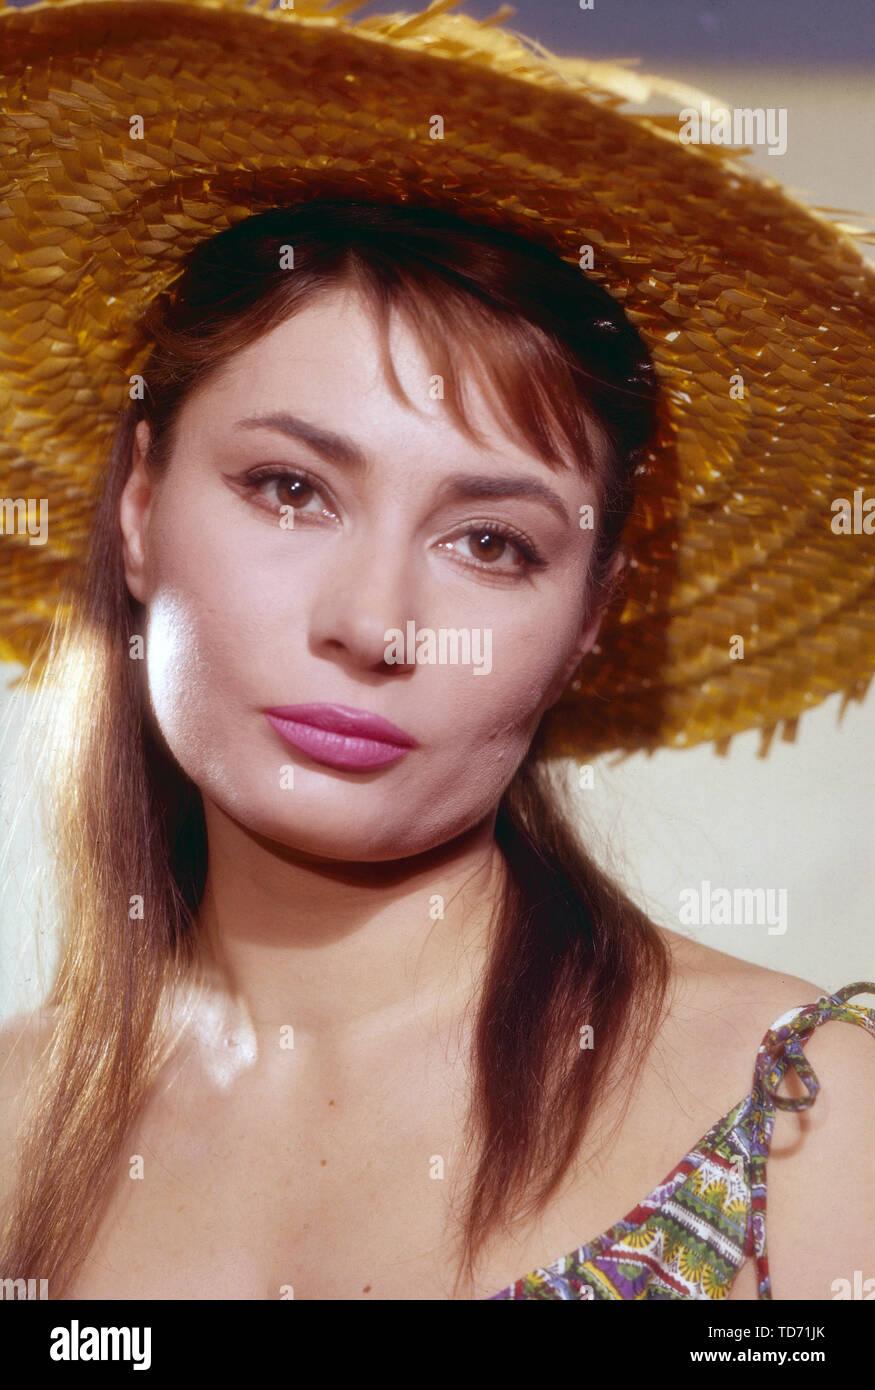 Violetta Ferrari, ungarische Sängerin und Schauspielerin, Deutschland ca. 1961. Hungarian singer and actress Violetta Ferrari, Germany ca. 1961. - Stock Image